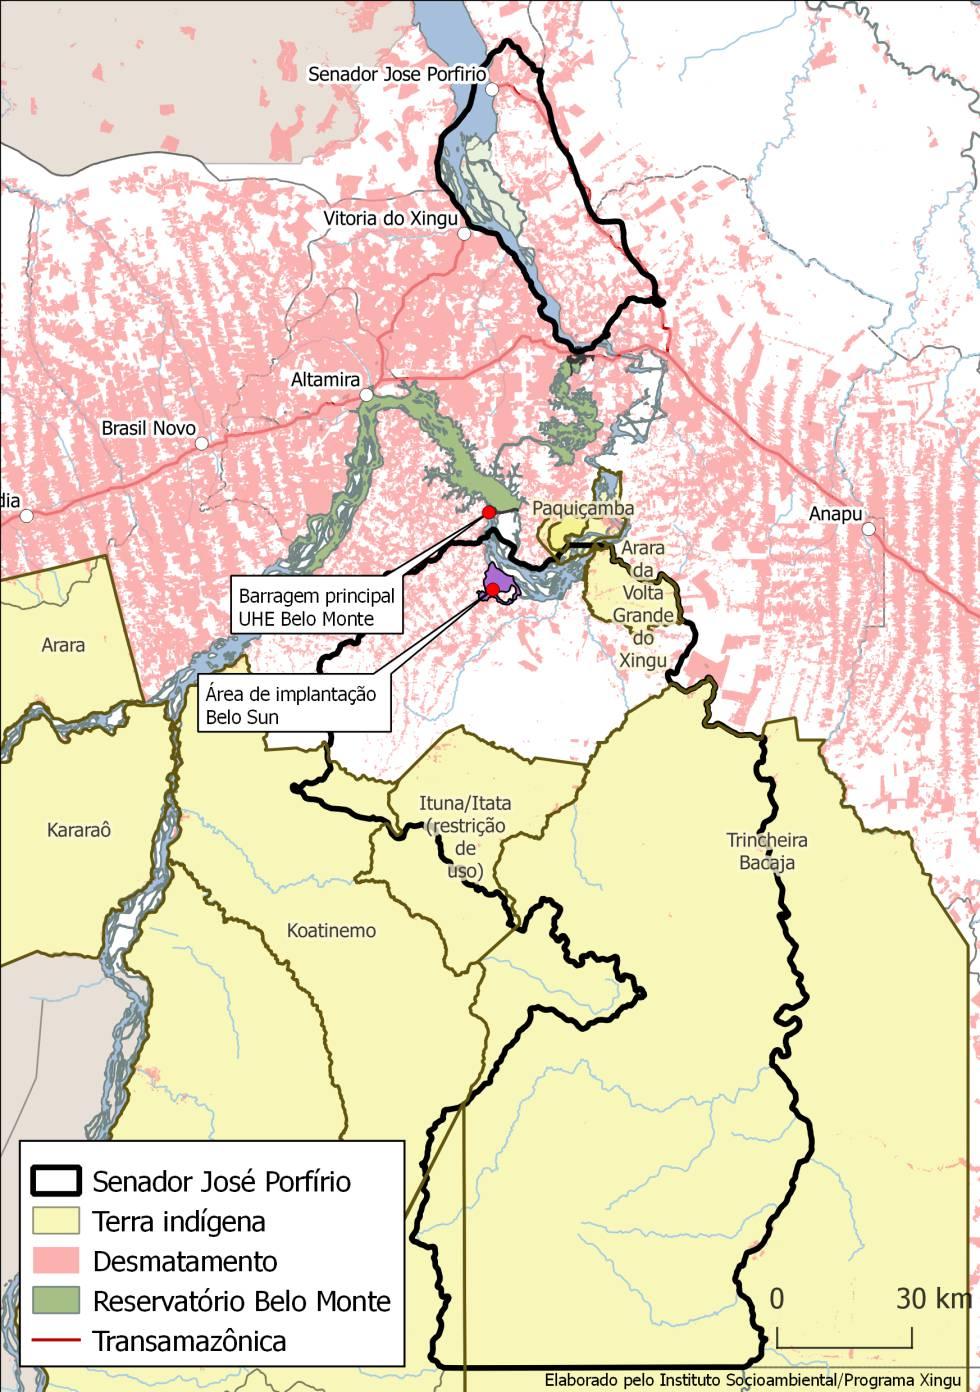 Mapa da região sudoeste do Pará.